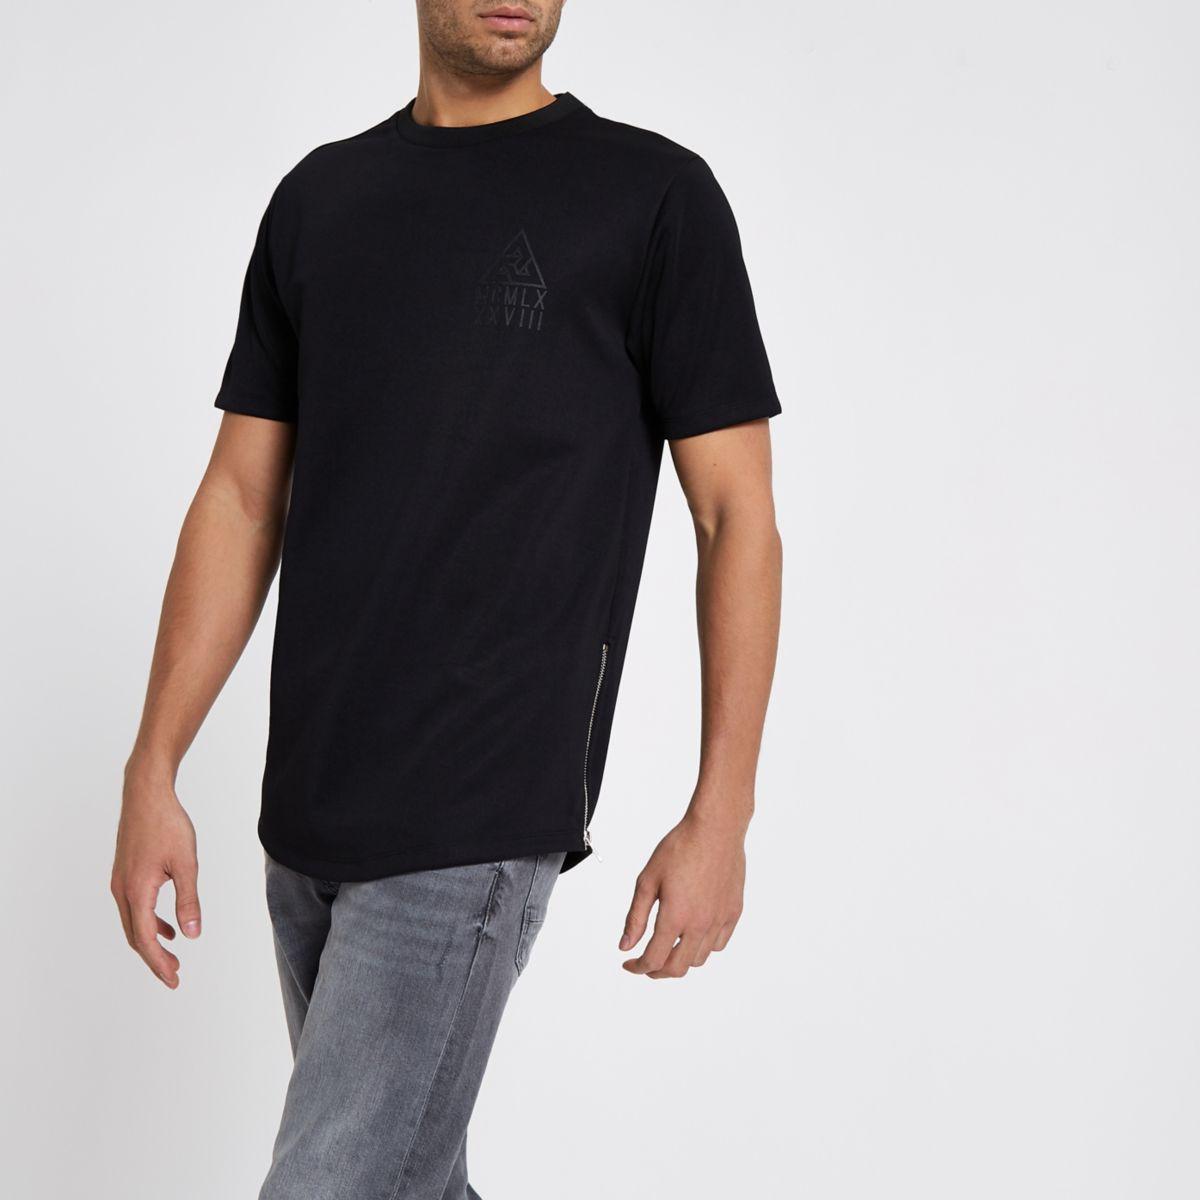 Längeres Slim Fit T-Shirt mit Reißverschluss